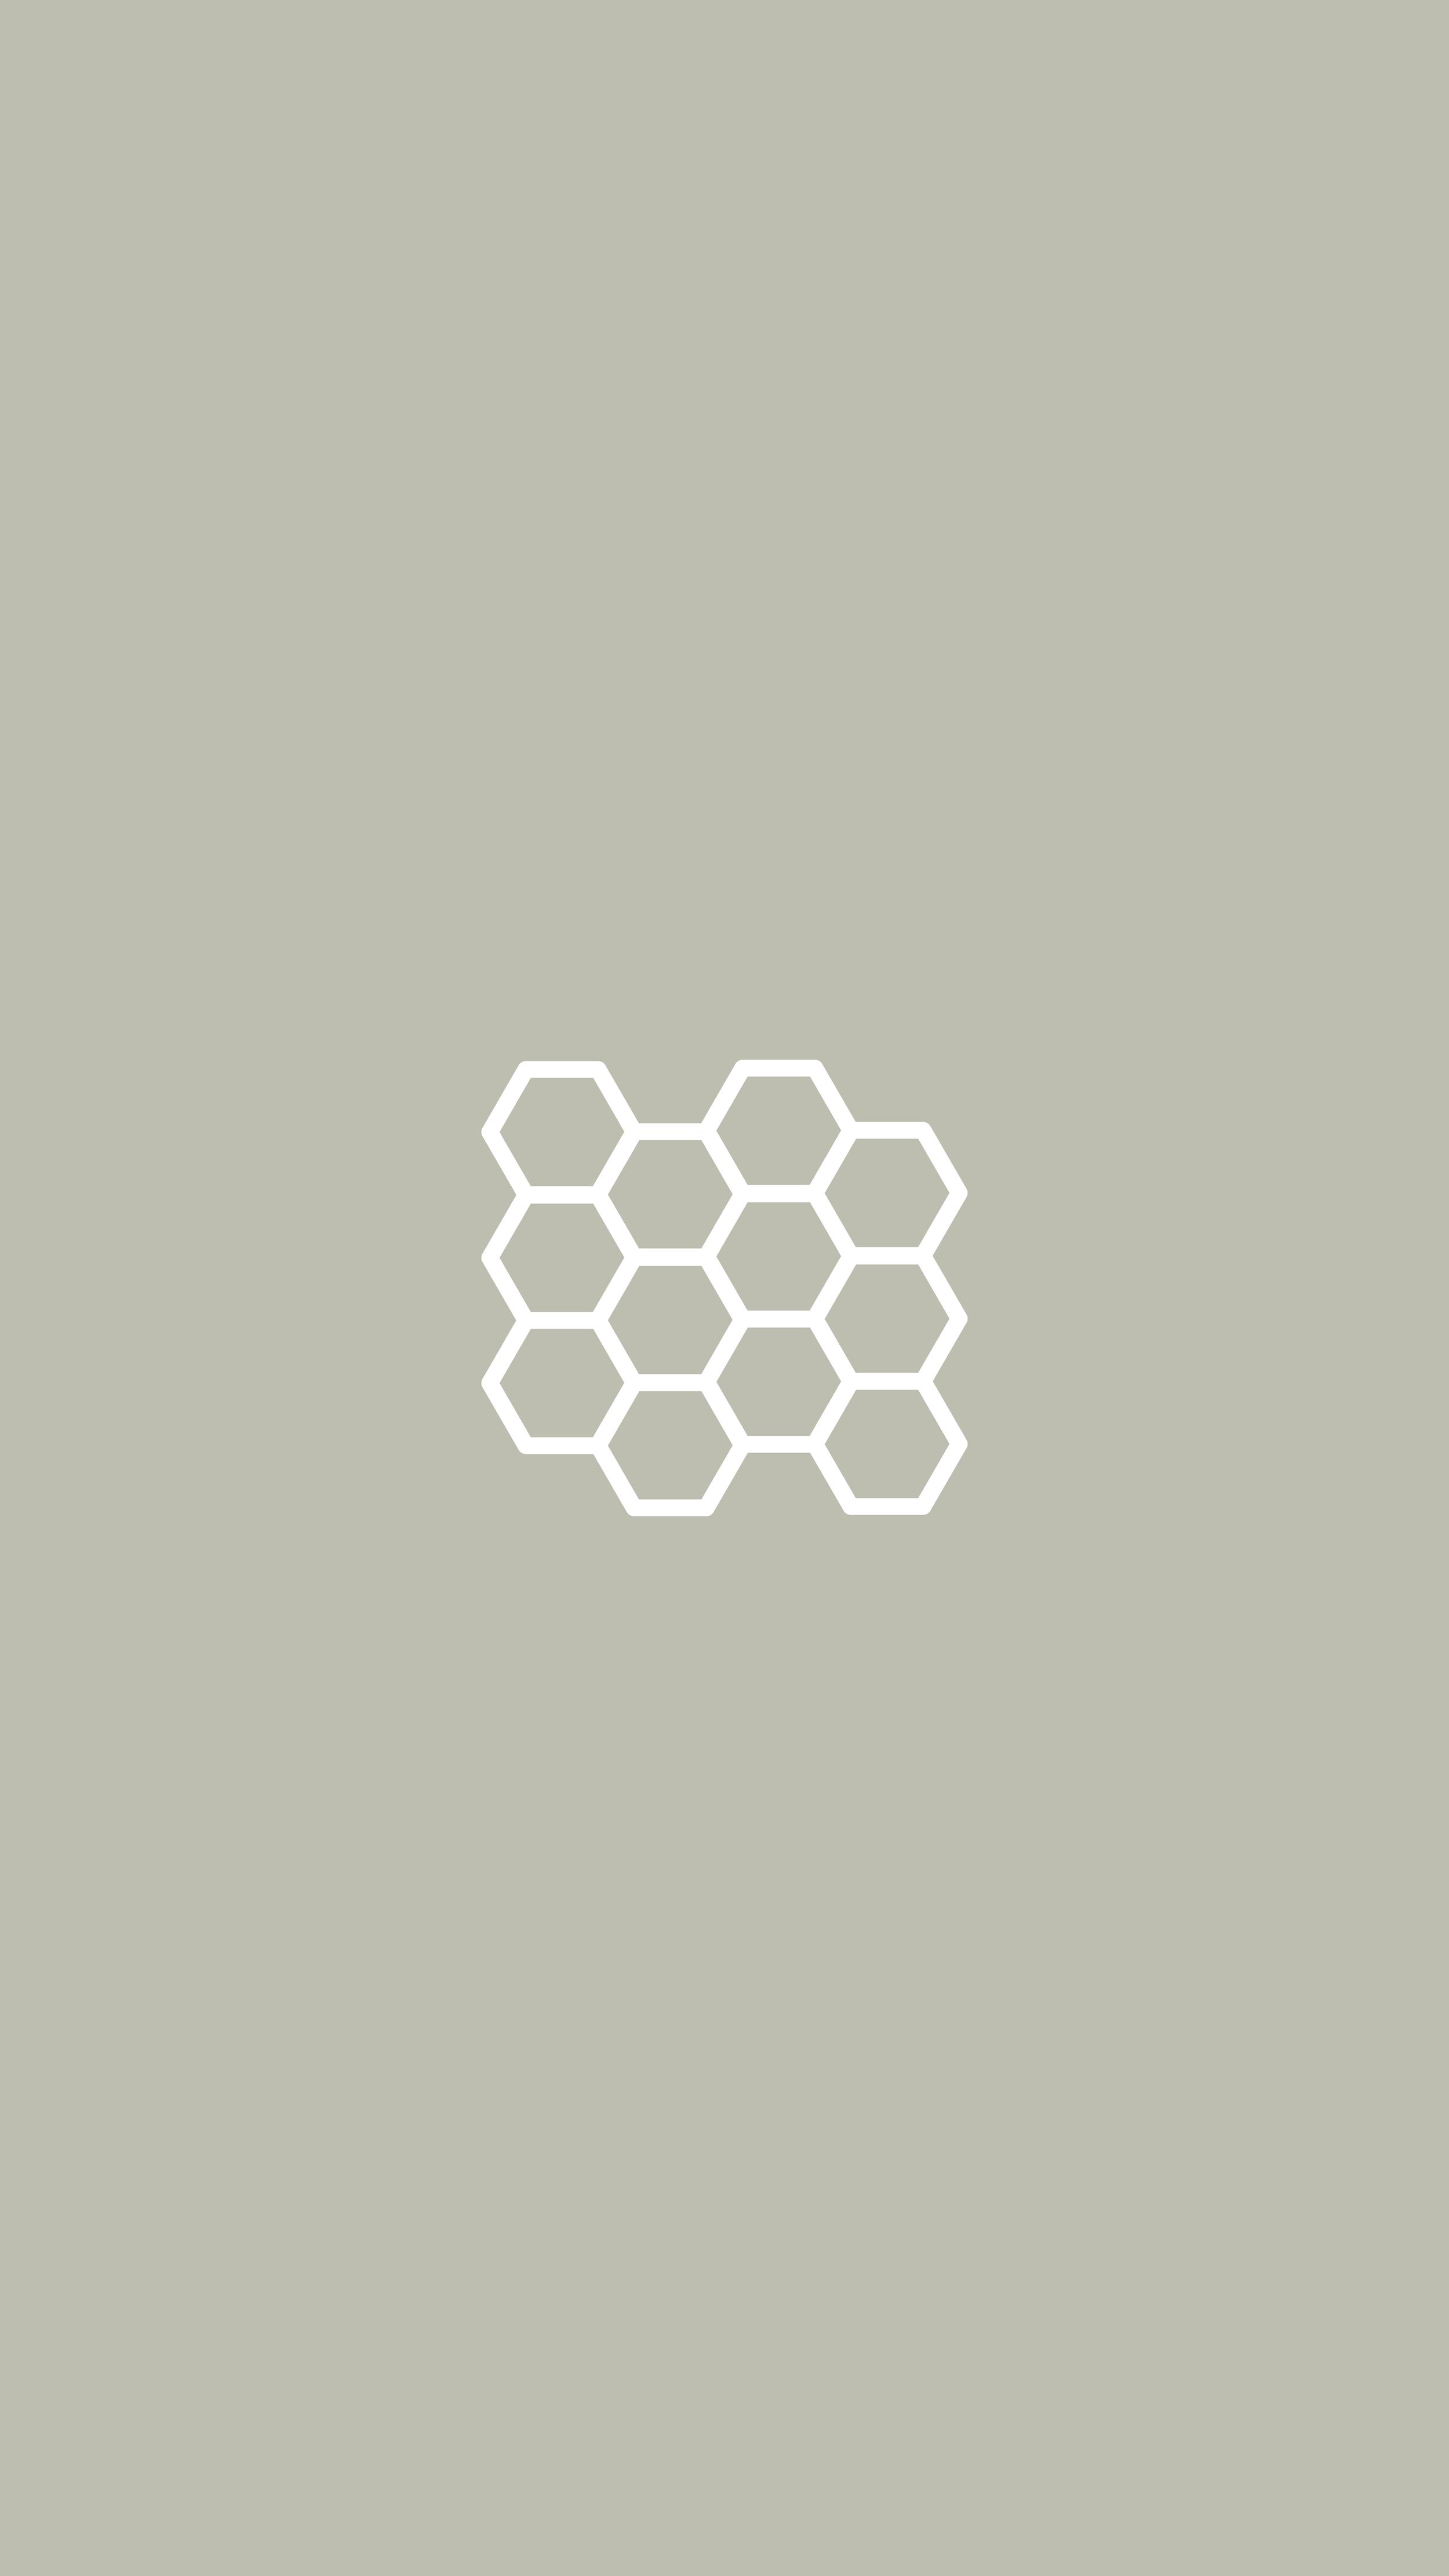 Tile, Hex Tile, DIY